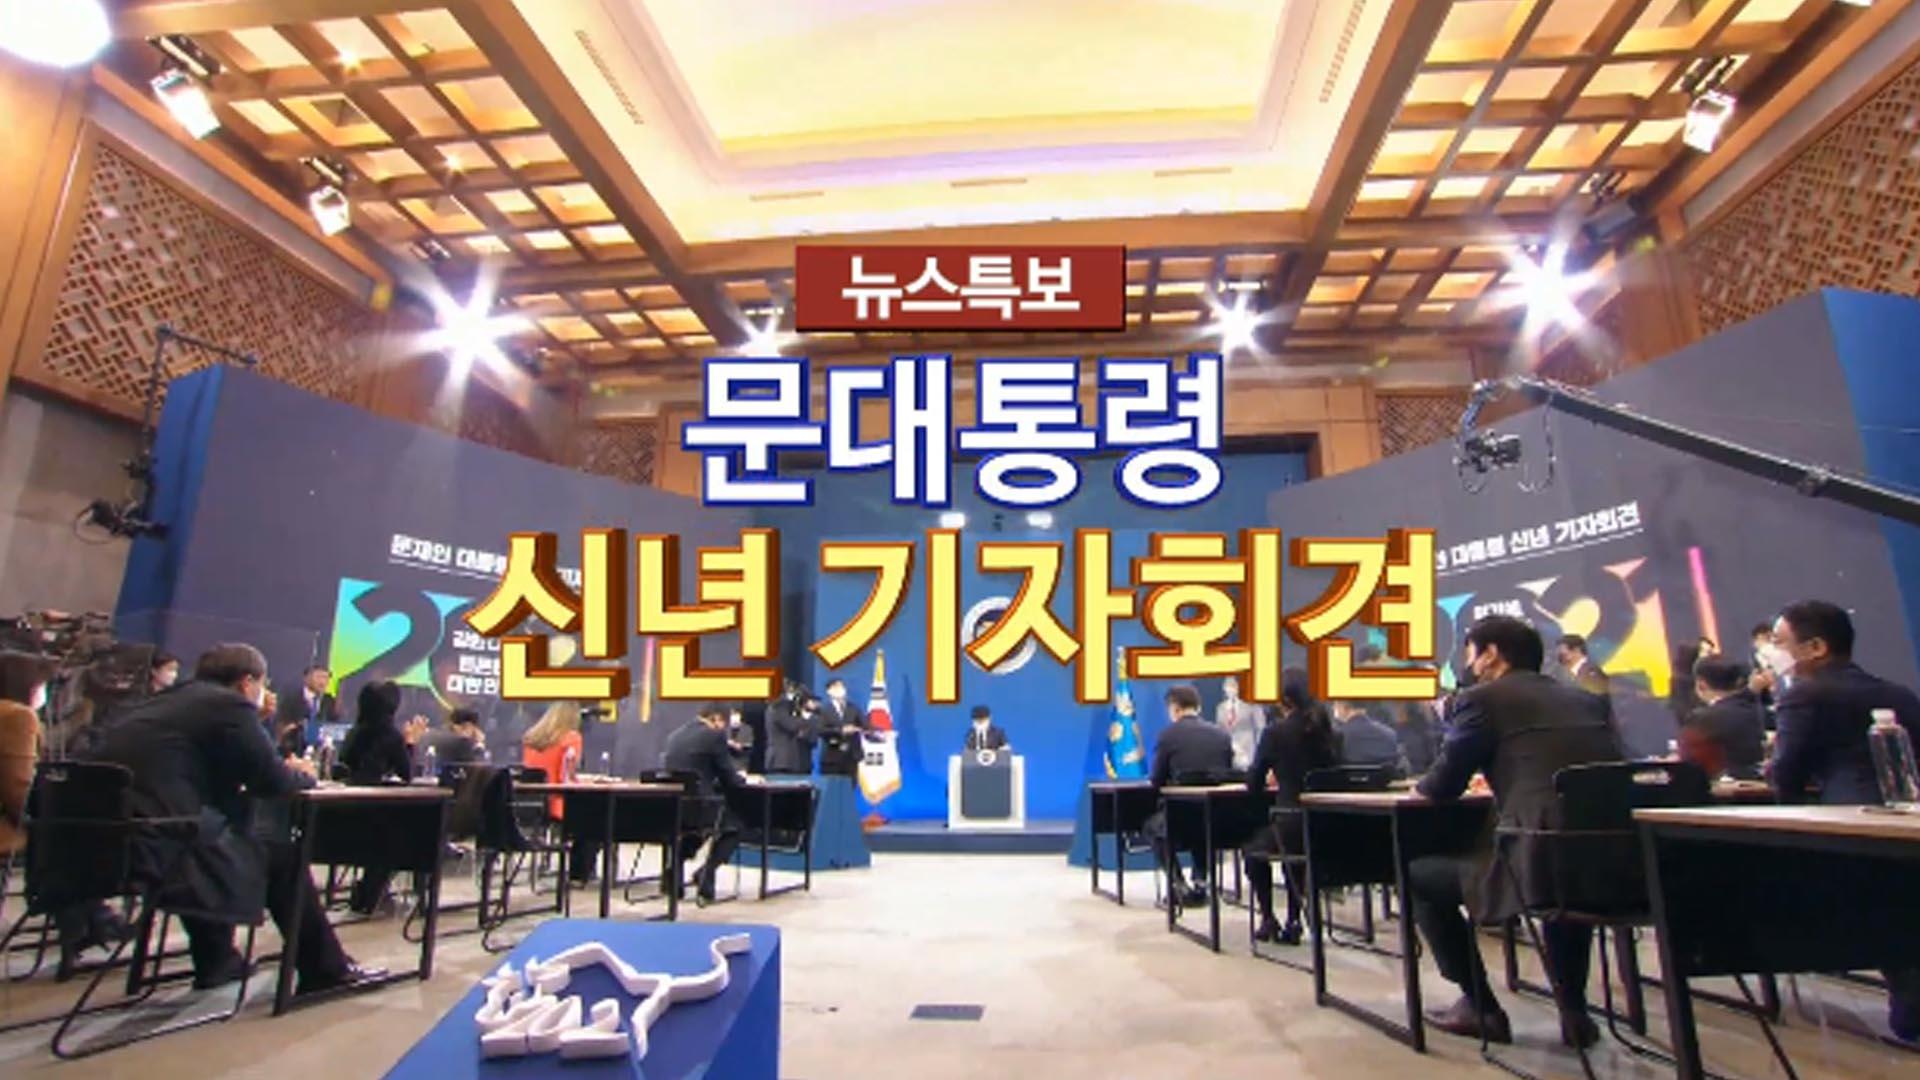 뉴스특보 - 문대통령 신년 기자회견